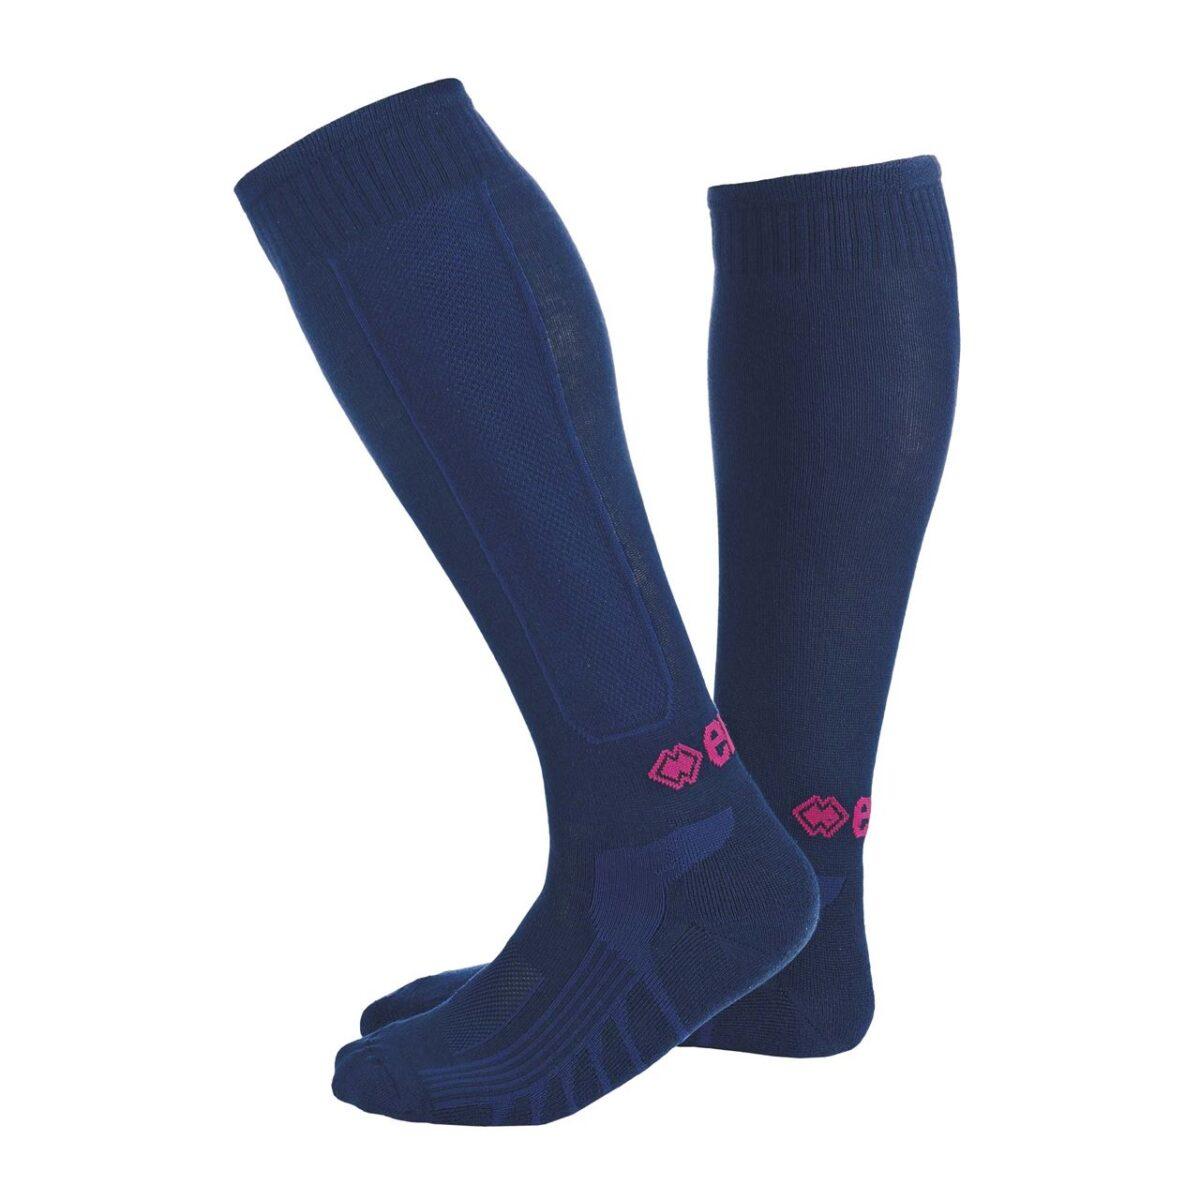 Errea ACTIVE FLUO Socks